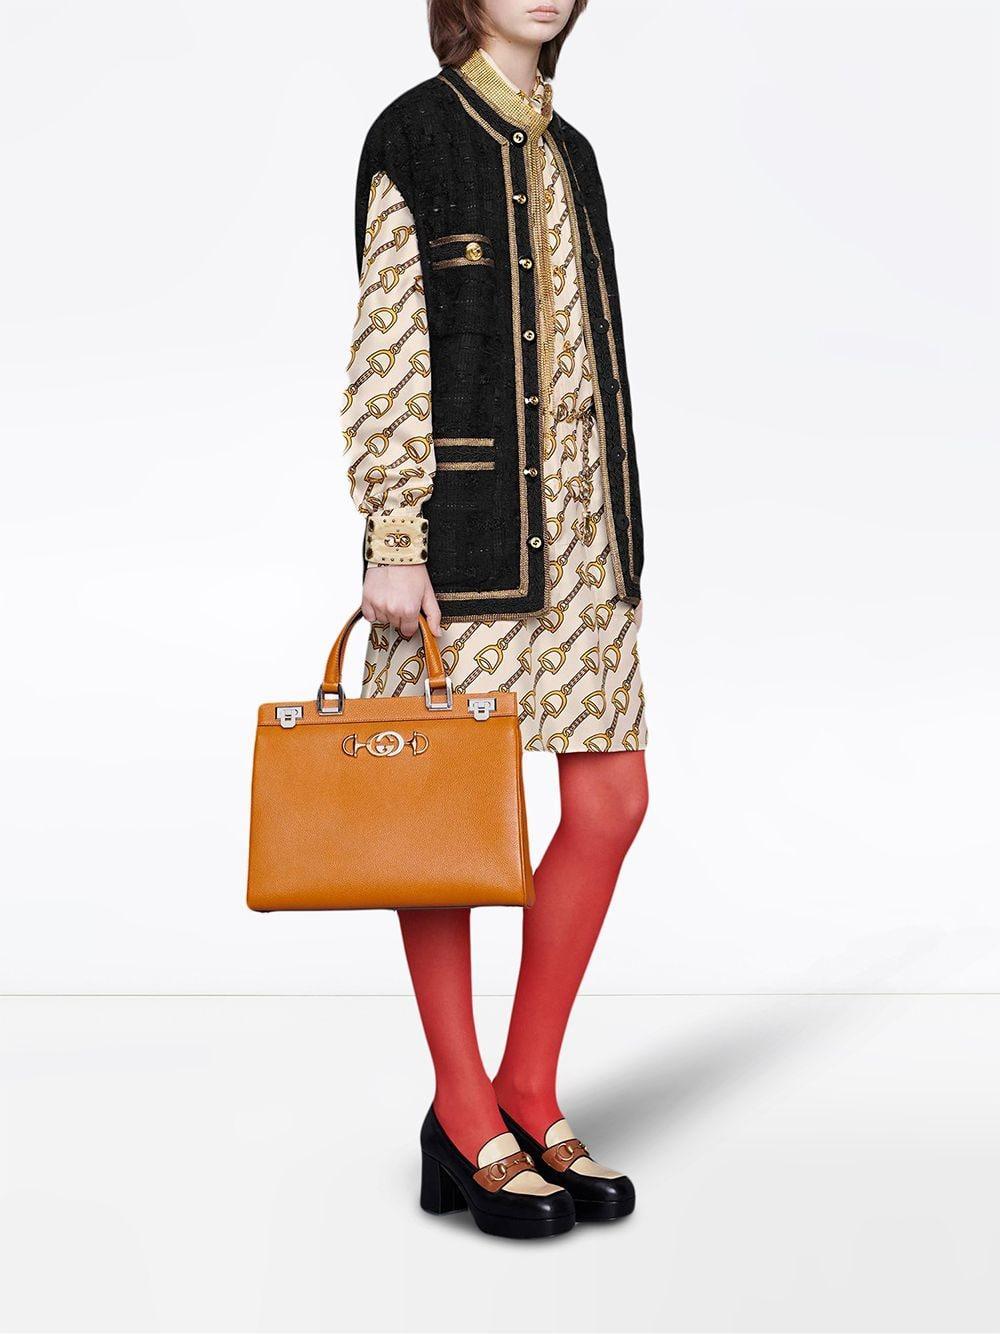 0af47368f Lyst - Gucci Silk Dress With Stirrups Print